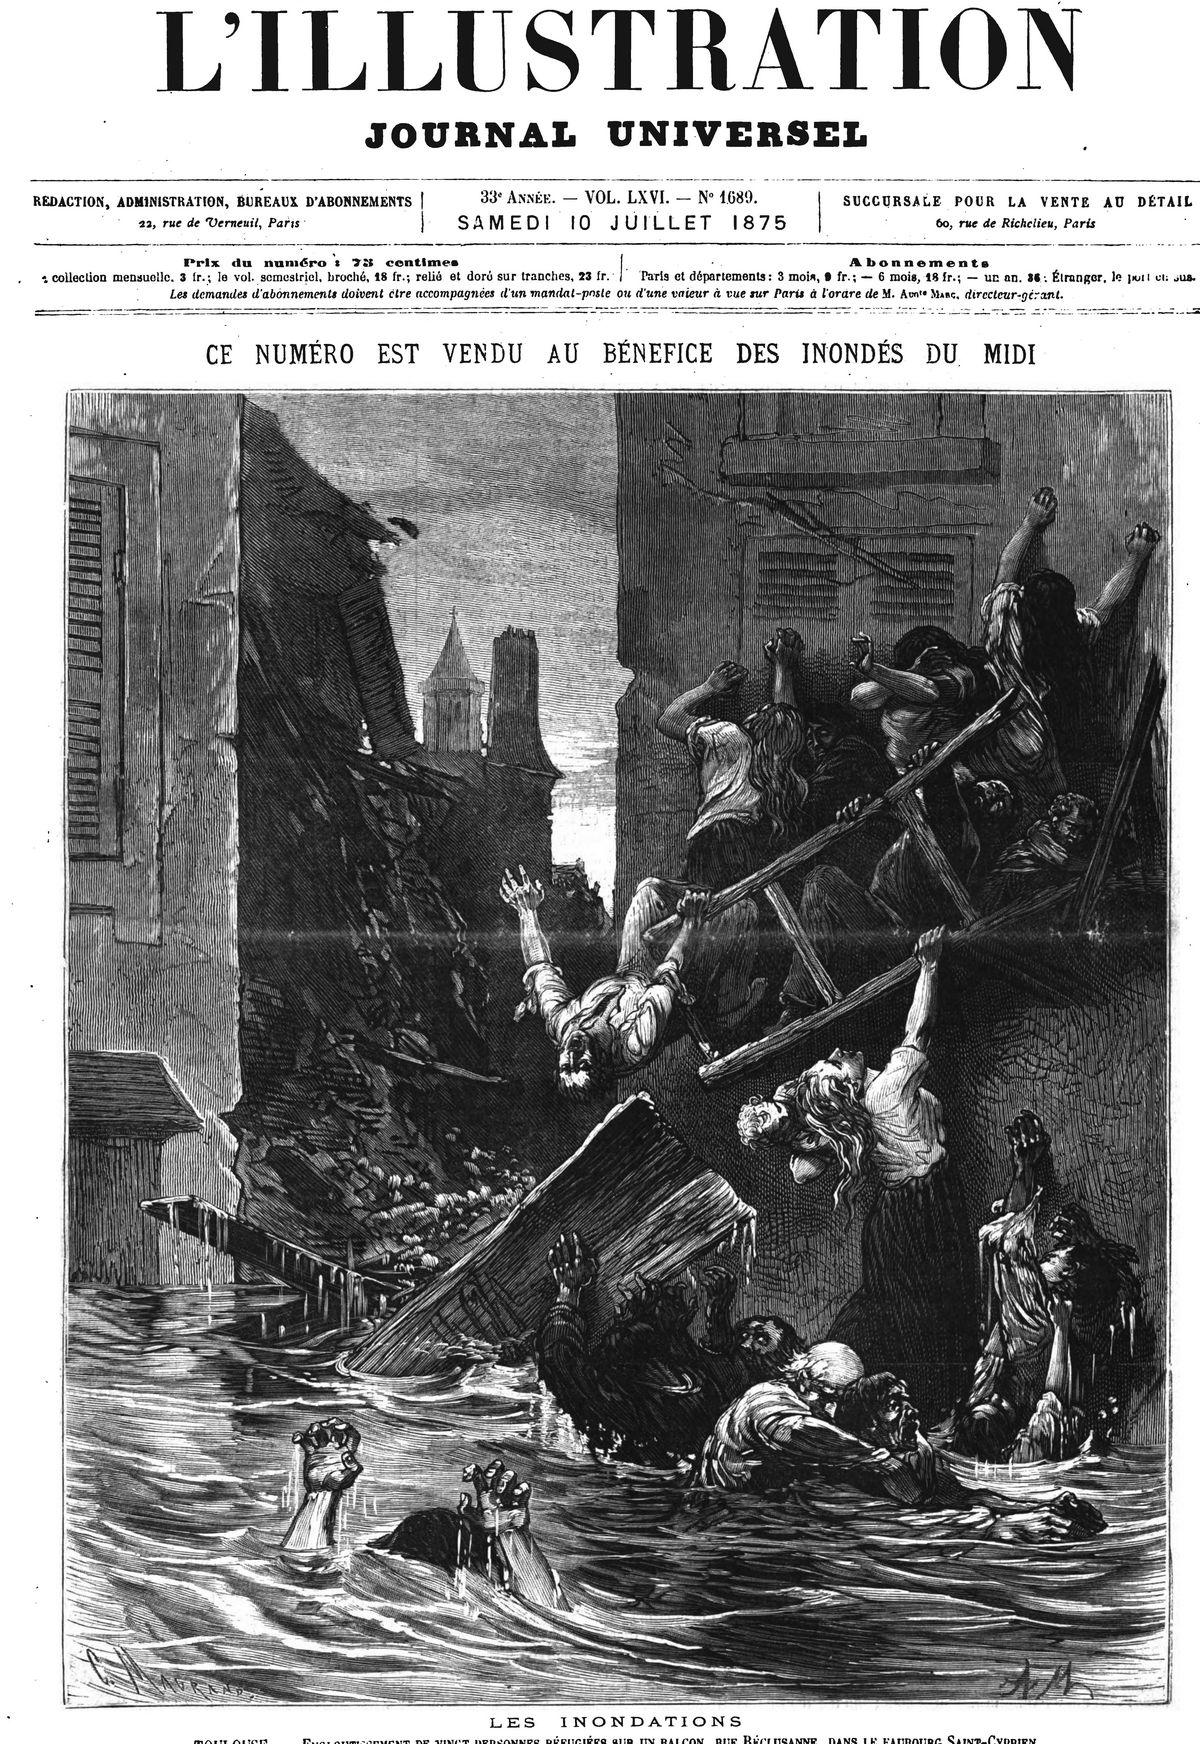 Les inondations: Toulouse : engloutissement de vingt personnes réfugiées sur un balcon, rue Réclusanne, faubourg de Saint-Cyprien; Gravure 1875